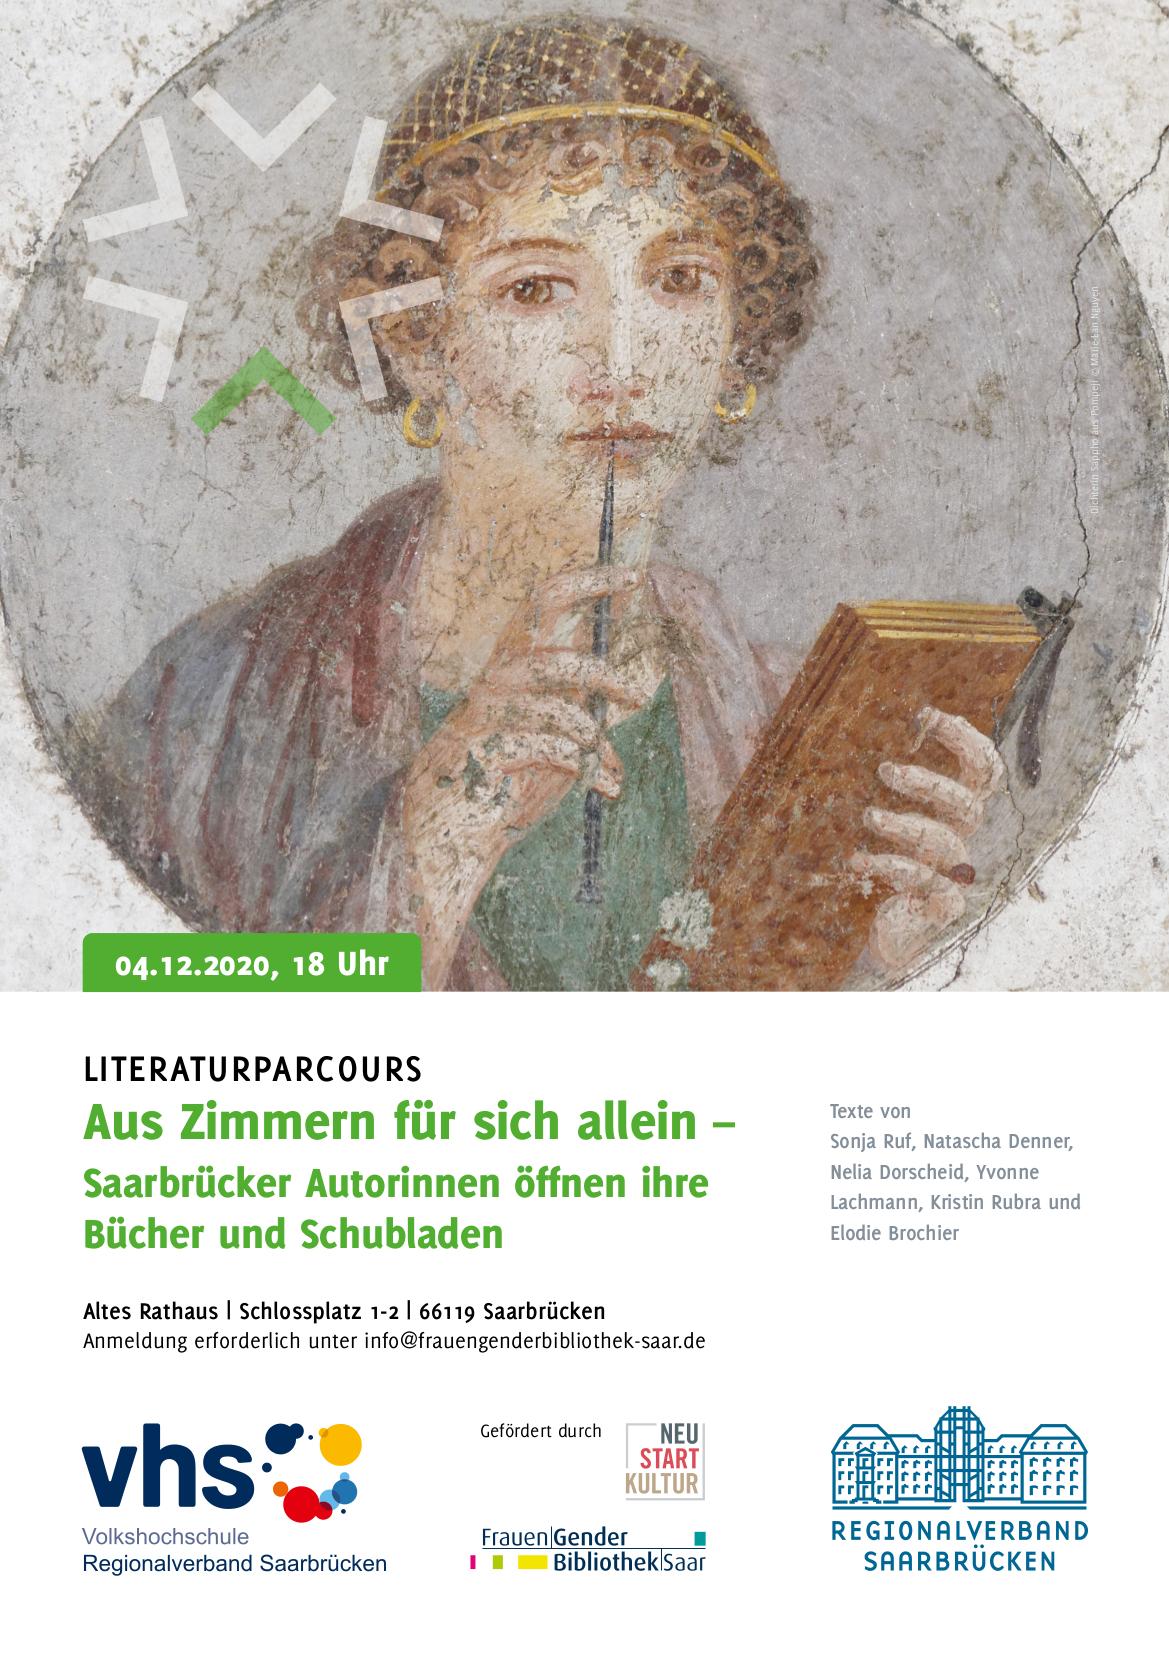 Literaturparcours mit Saarbrücker Autorinnen